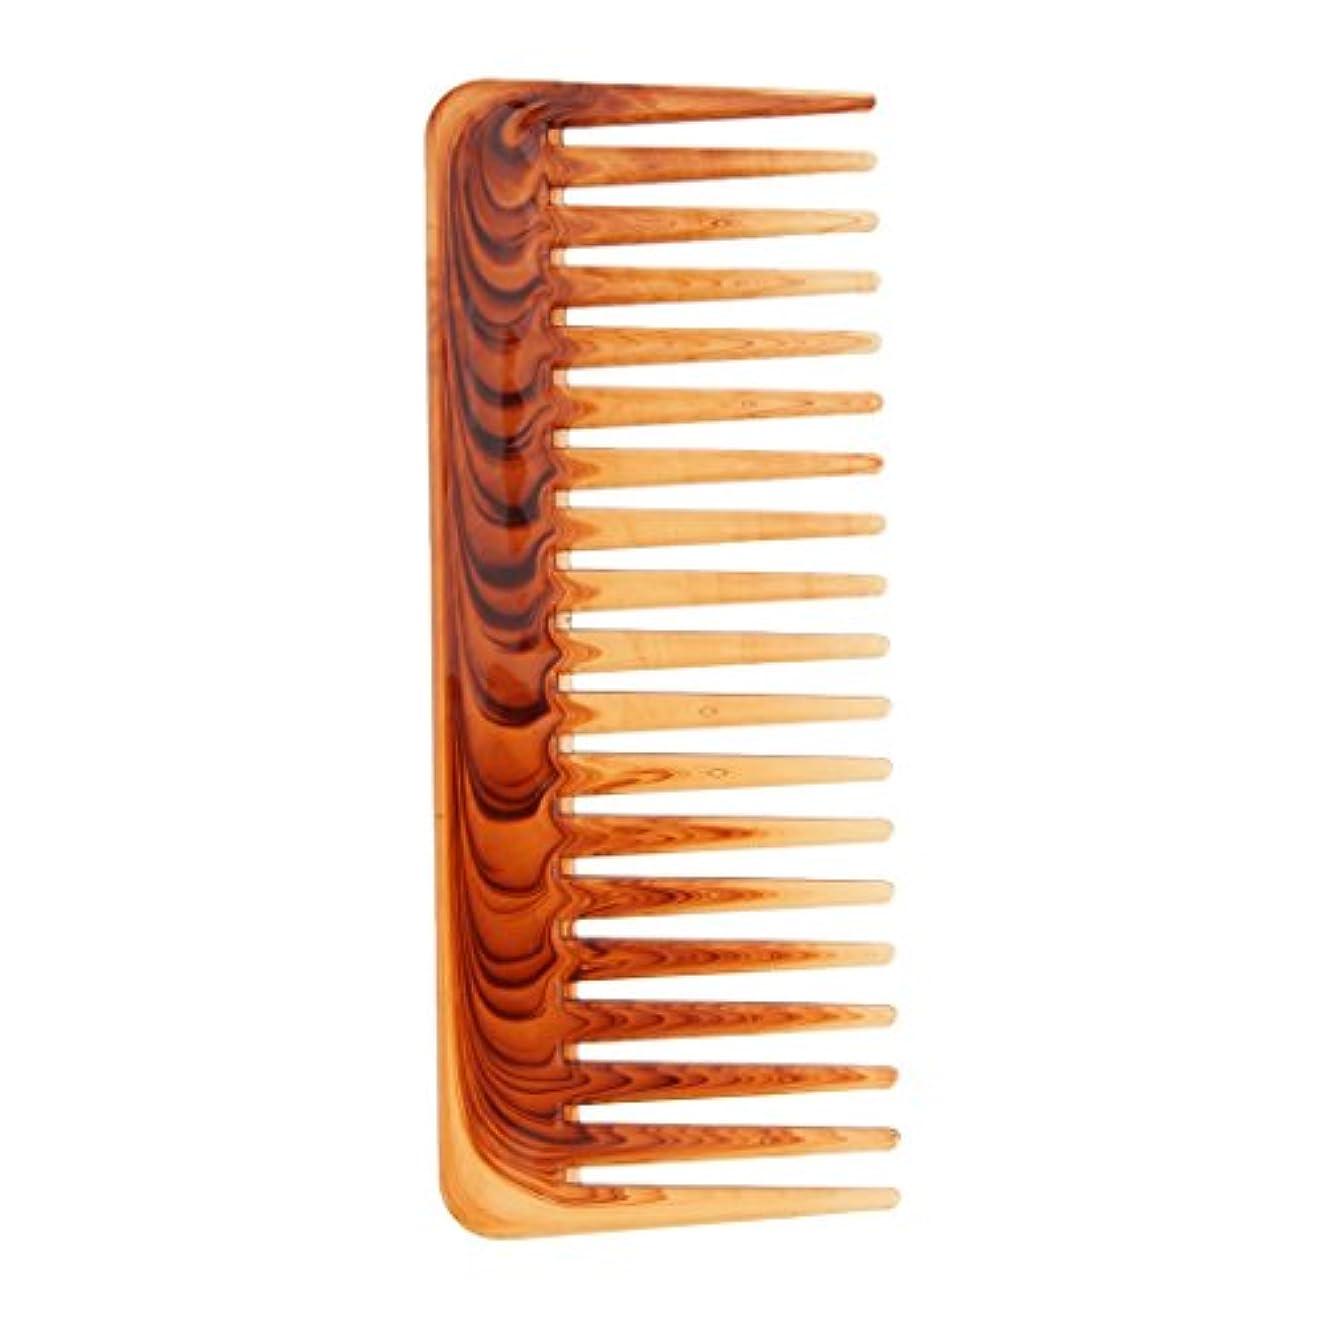 仮称広告する口径Toygogo 髪の毛のもつれを解くヘアコンディショニング熊手櫛広い歯ヘアブラシツール